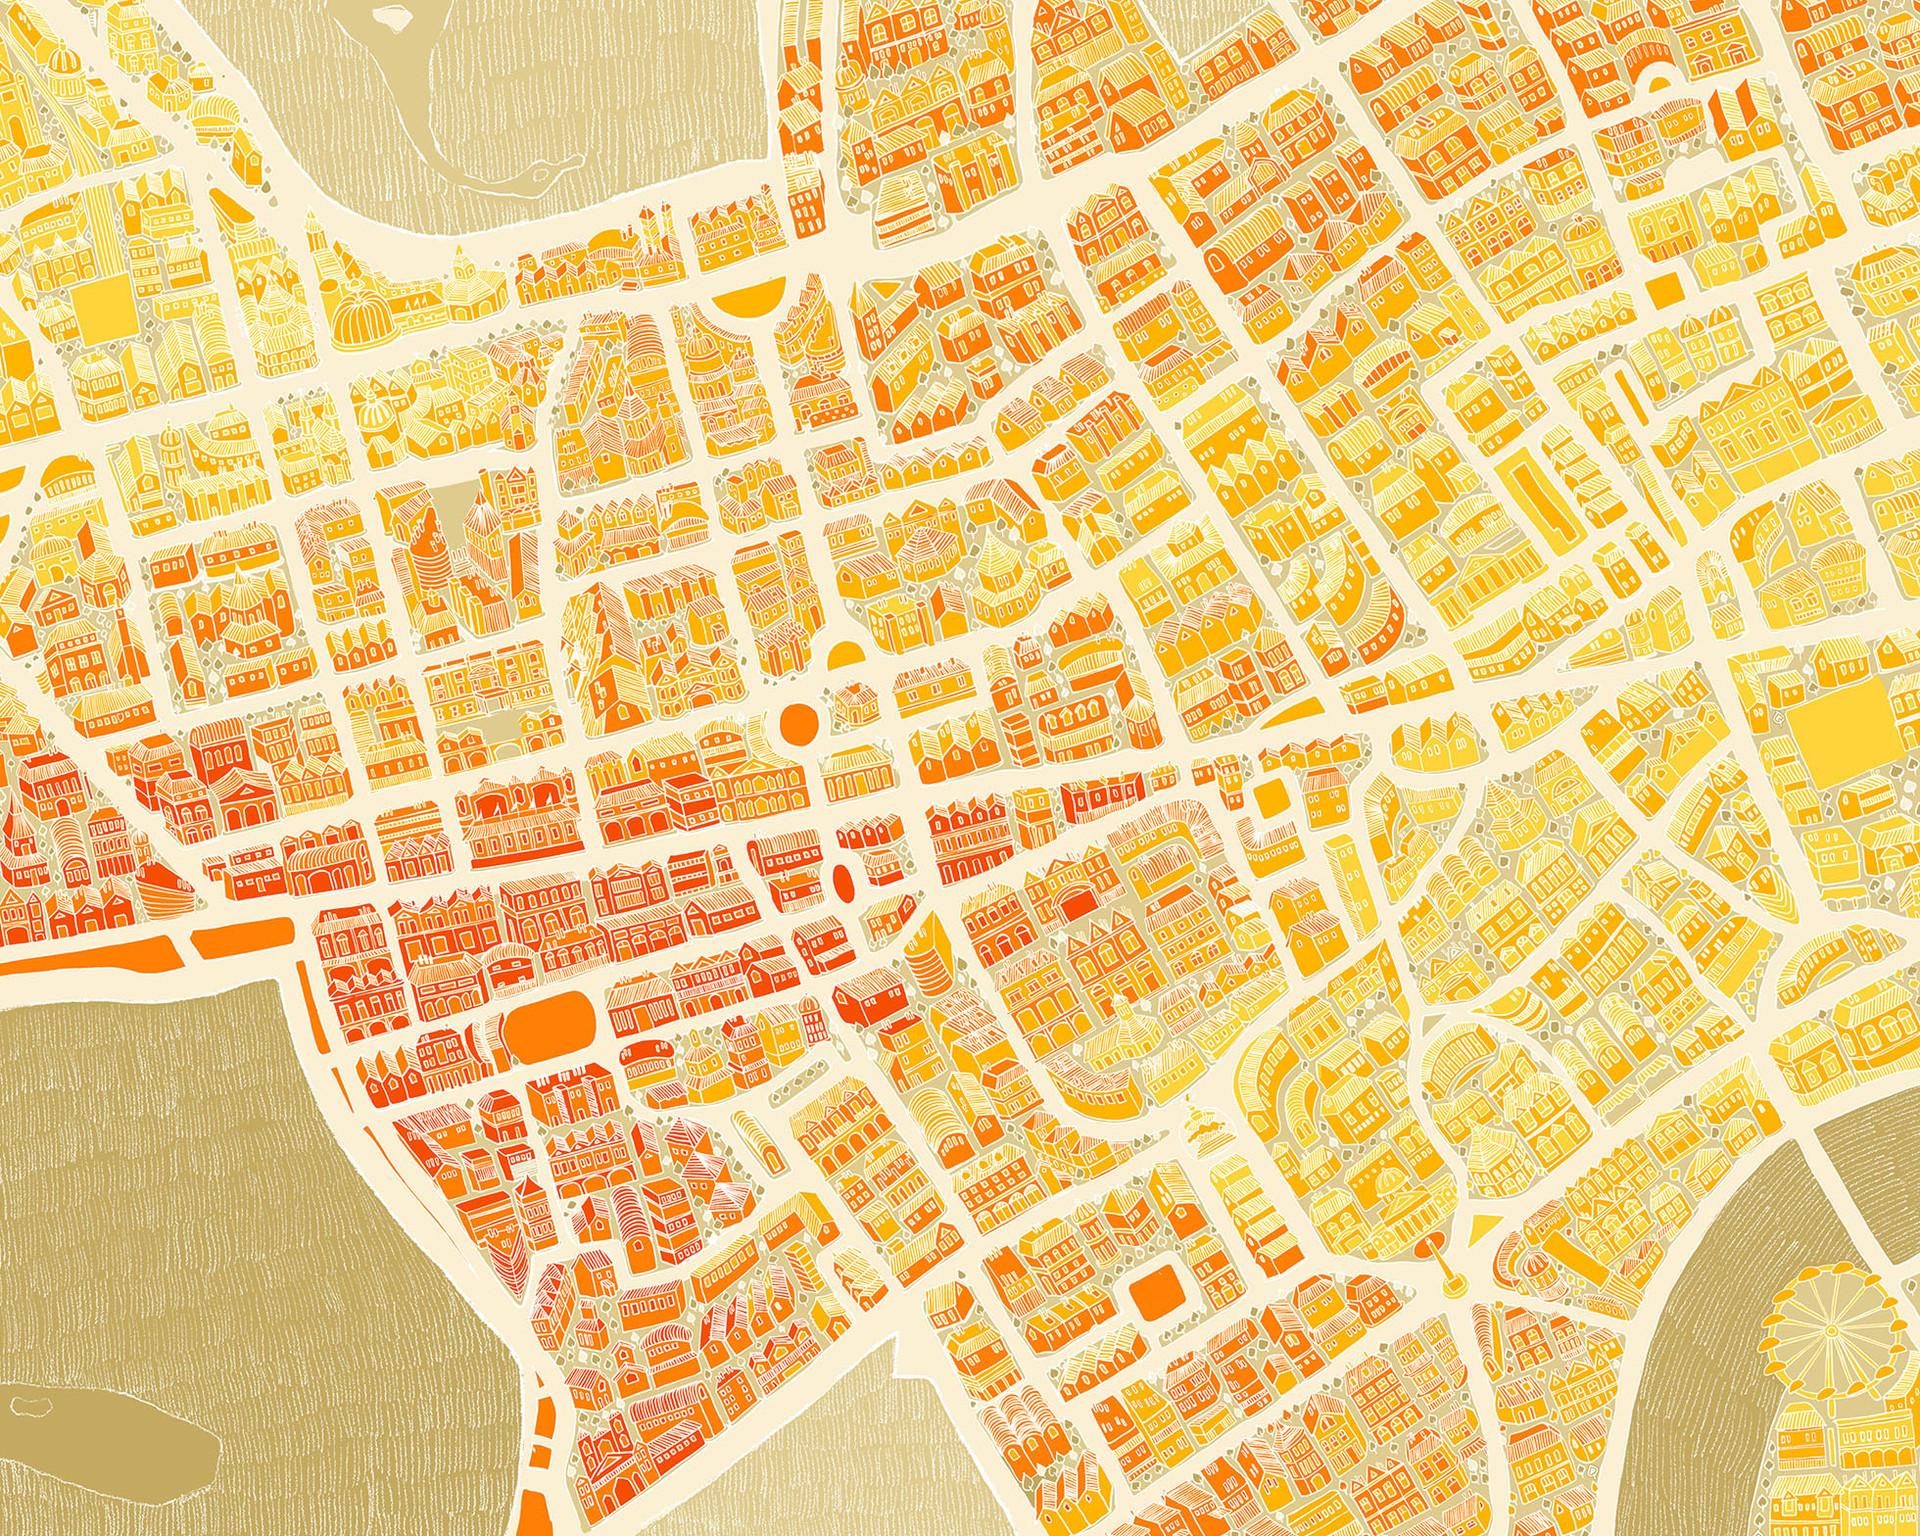 map for behance3.jpg